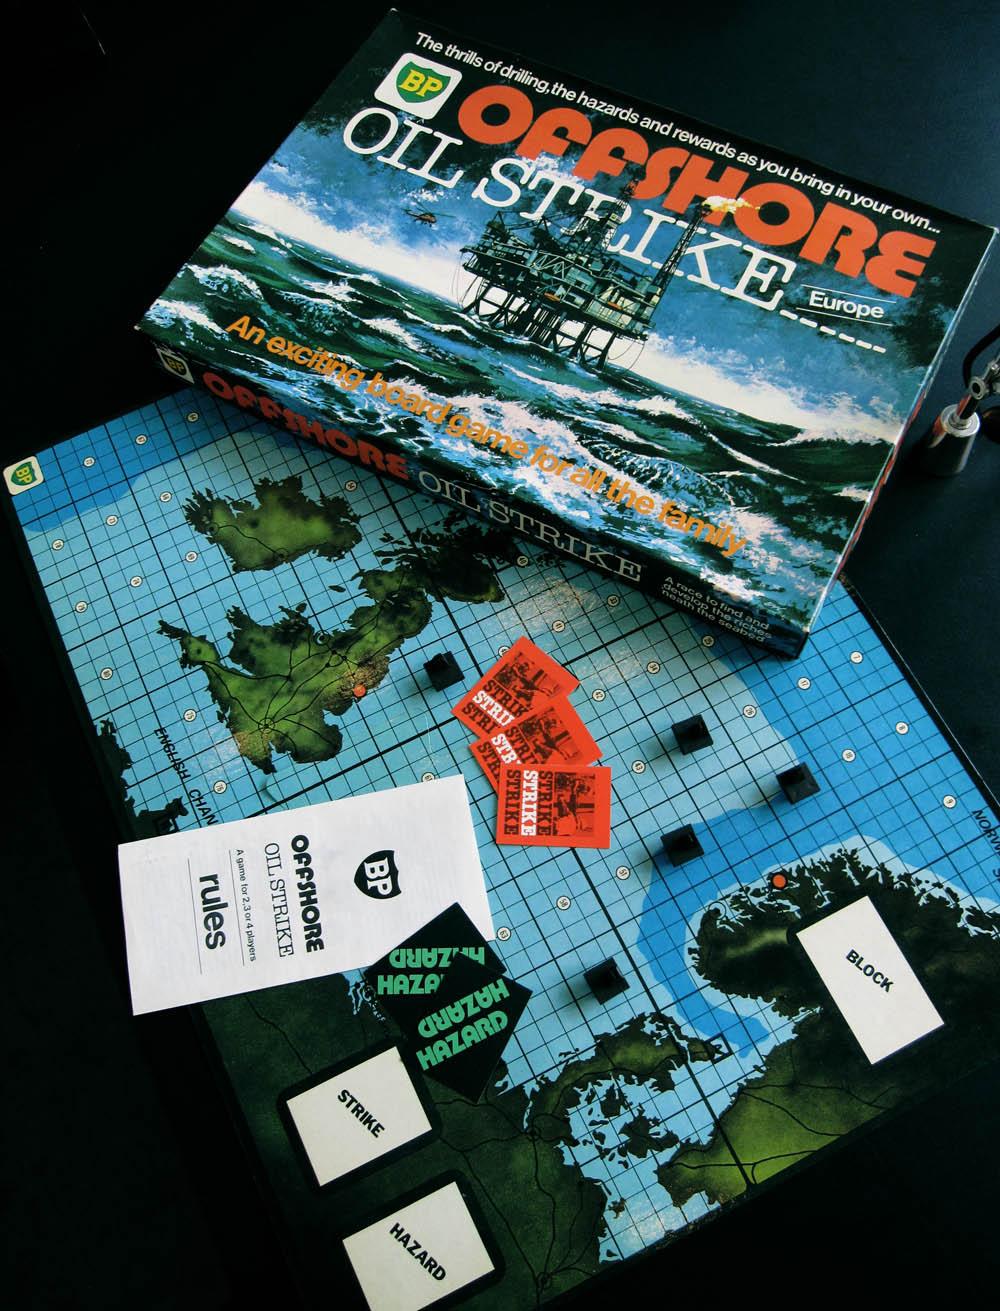 offshore oil strike